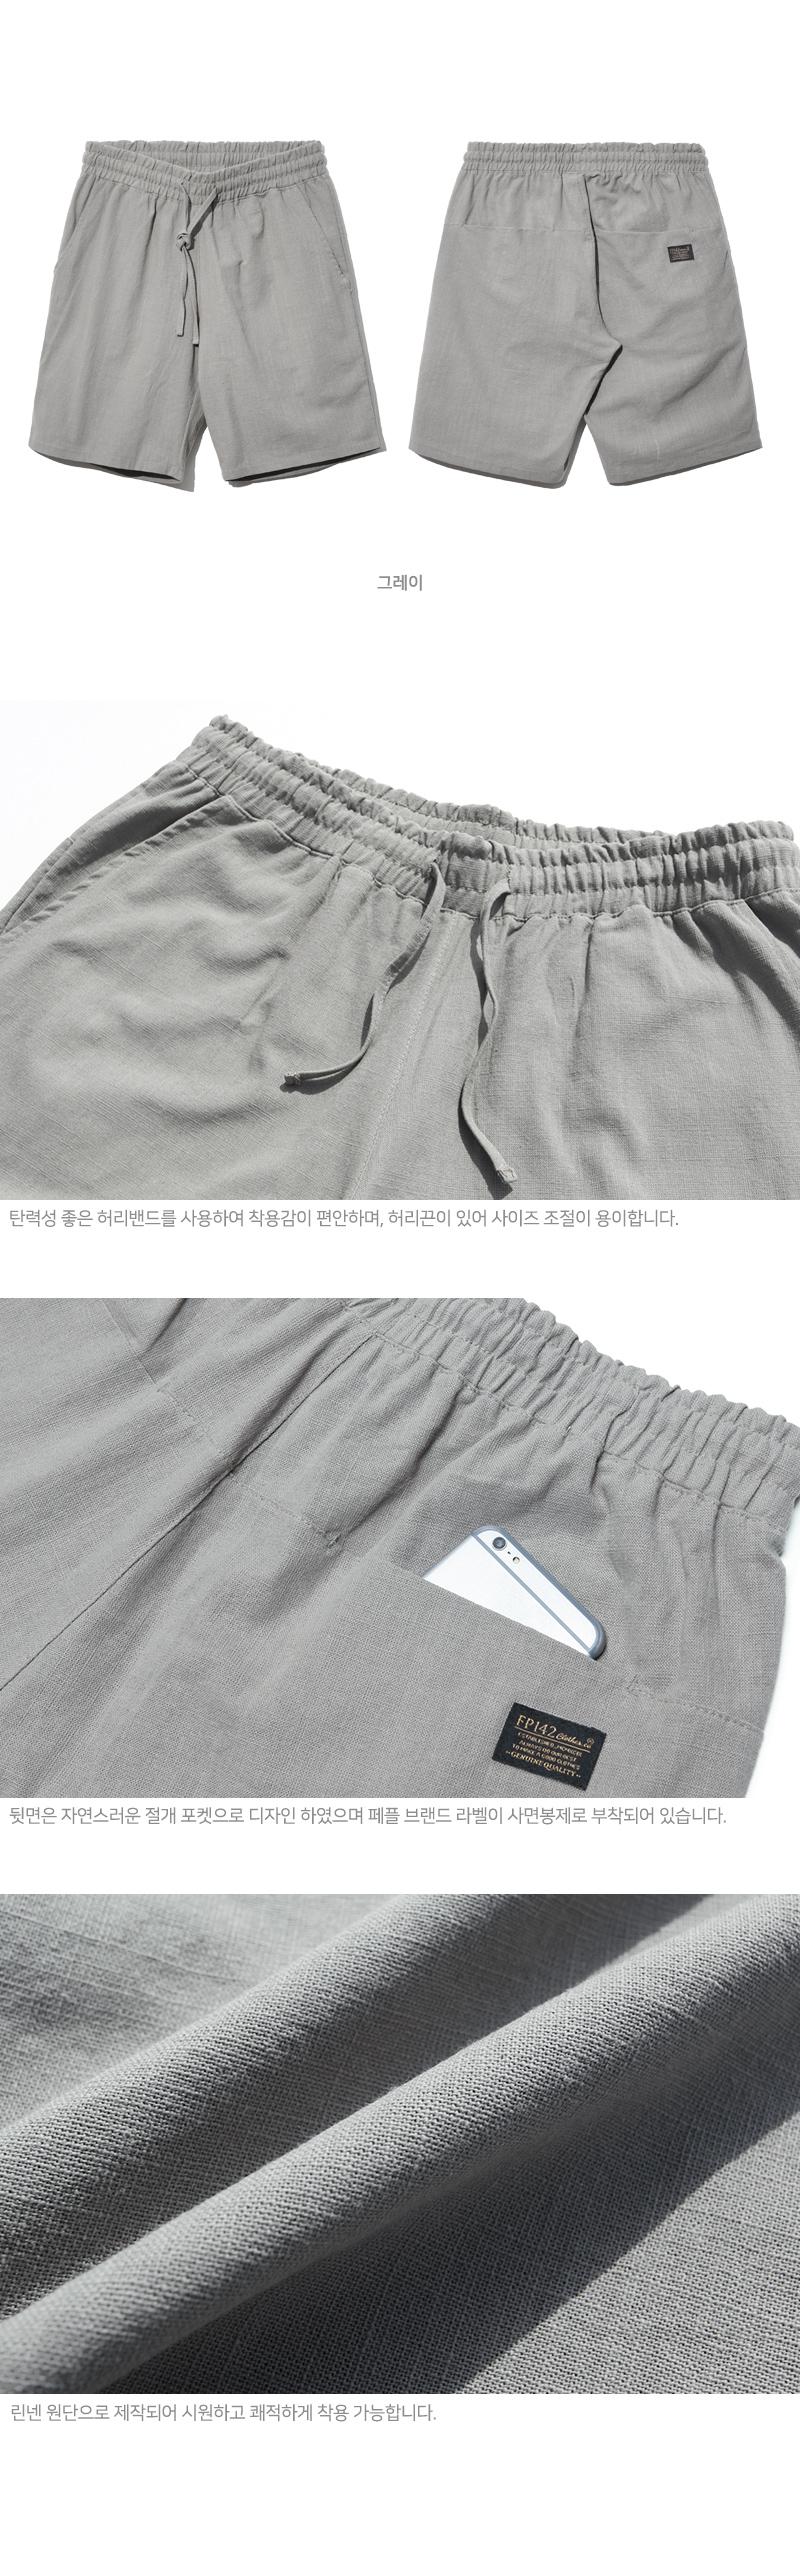 20190422_fp_realcooshortpants_detail_gray.jpg